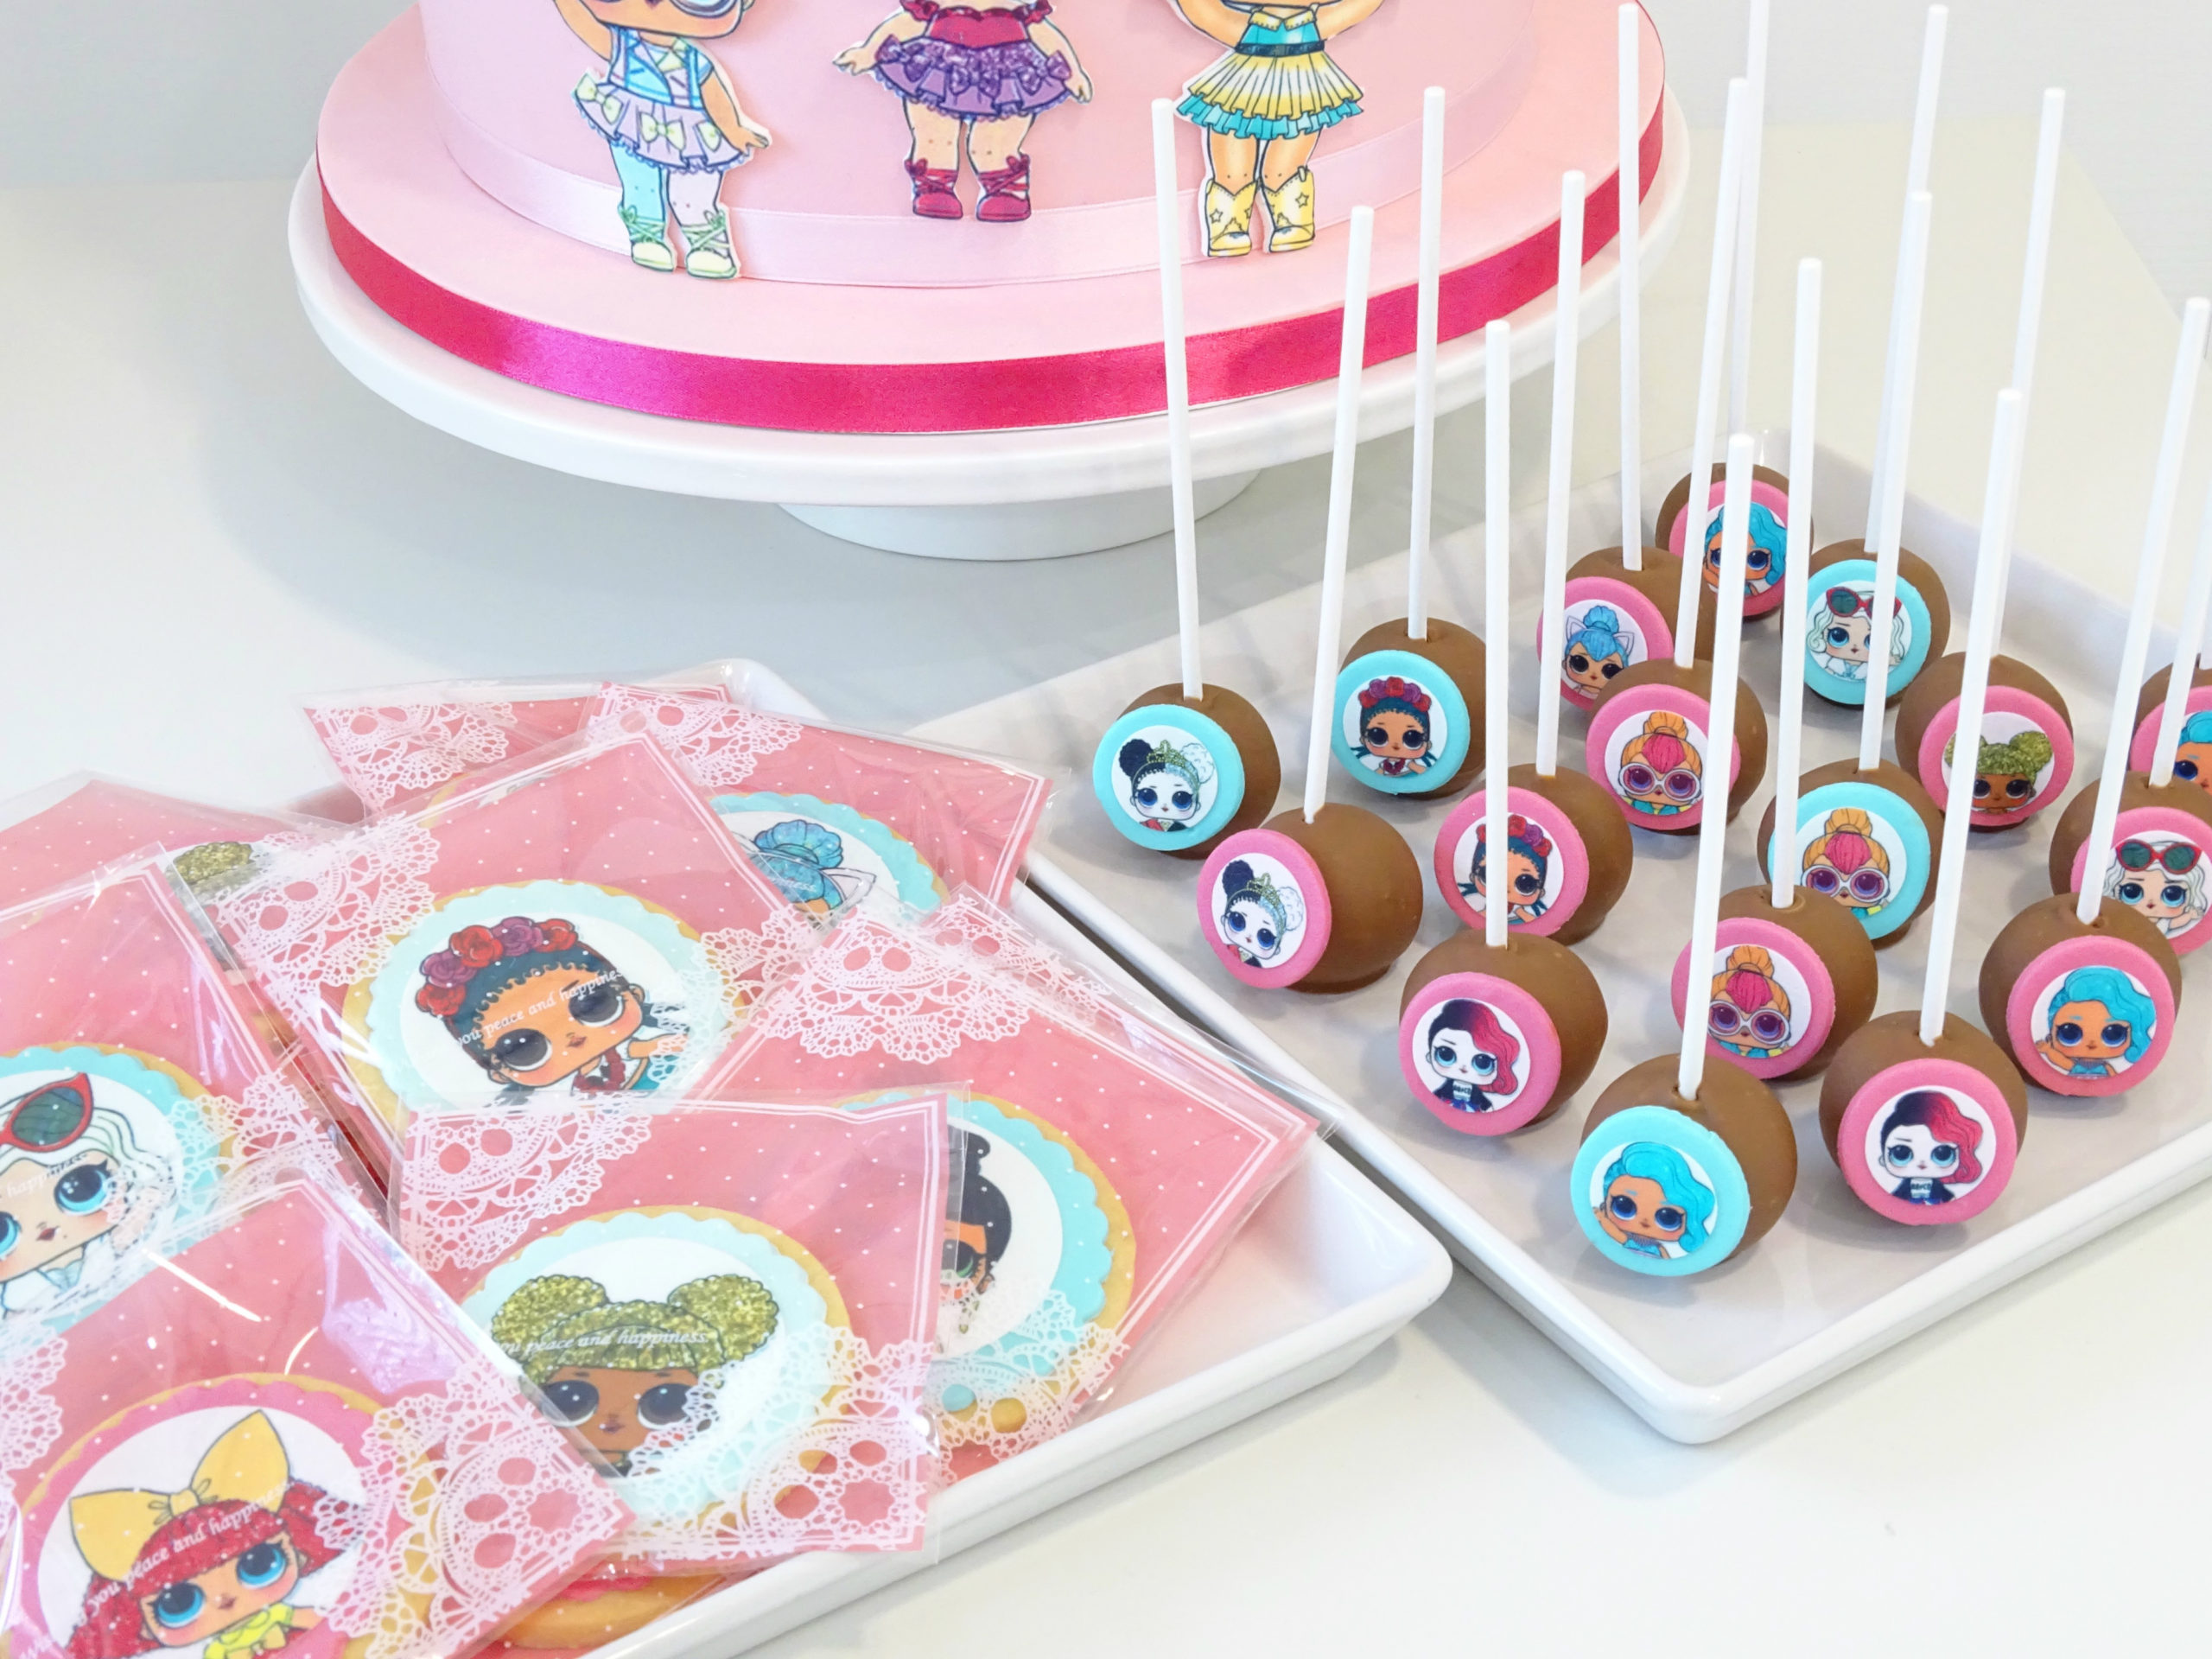 biscotti e cakepop con LOL surprise